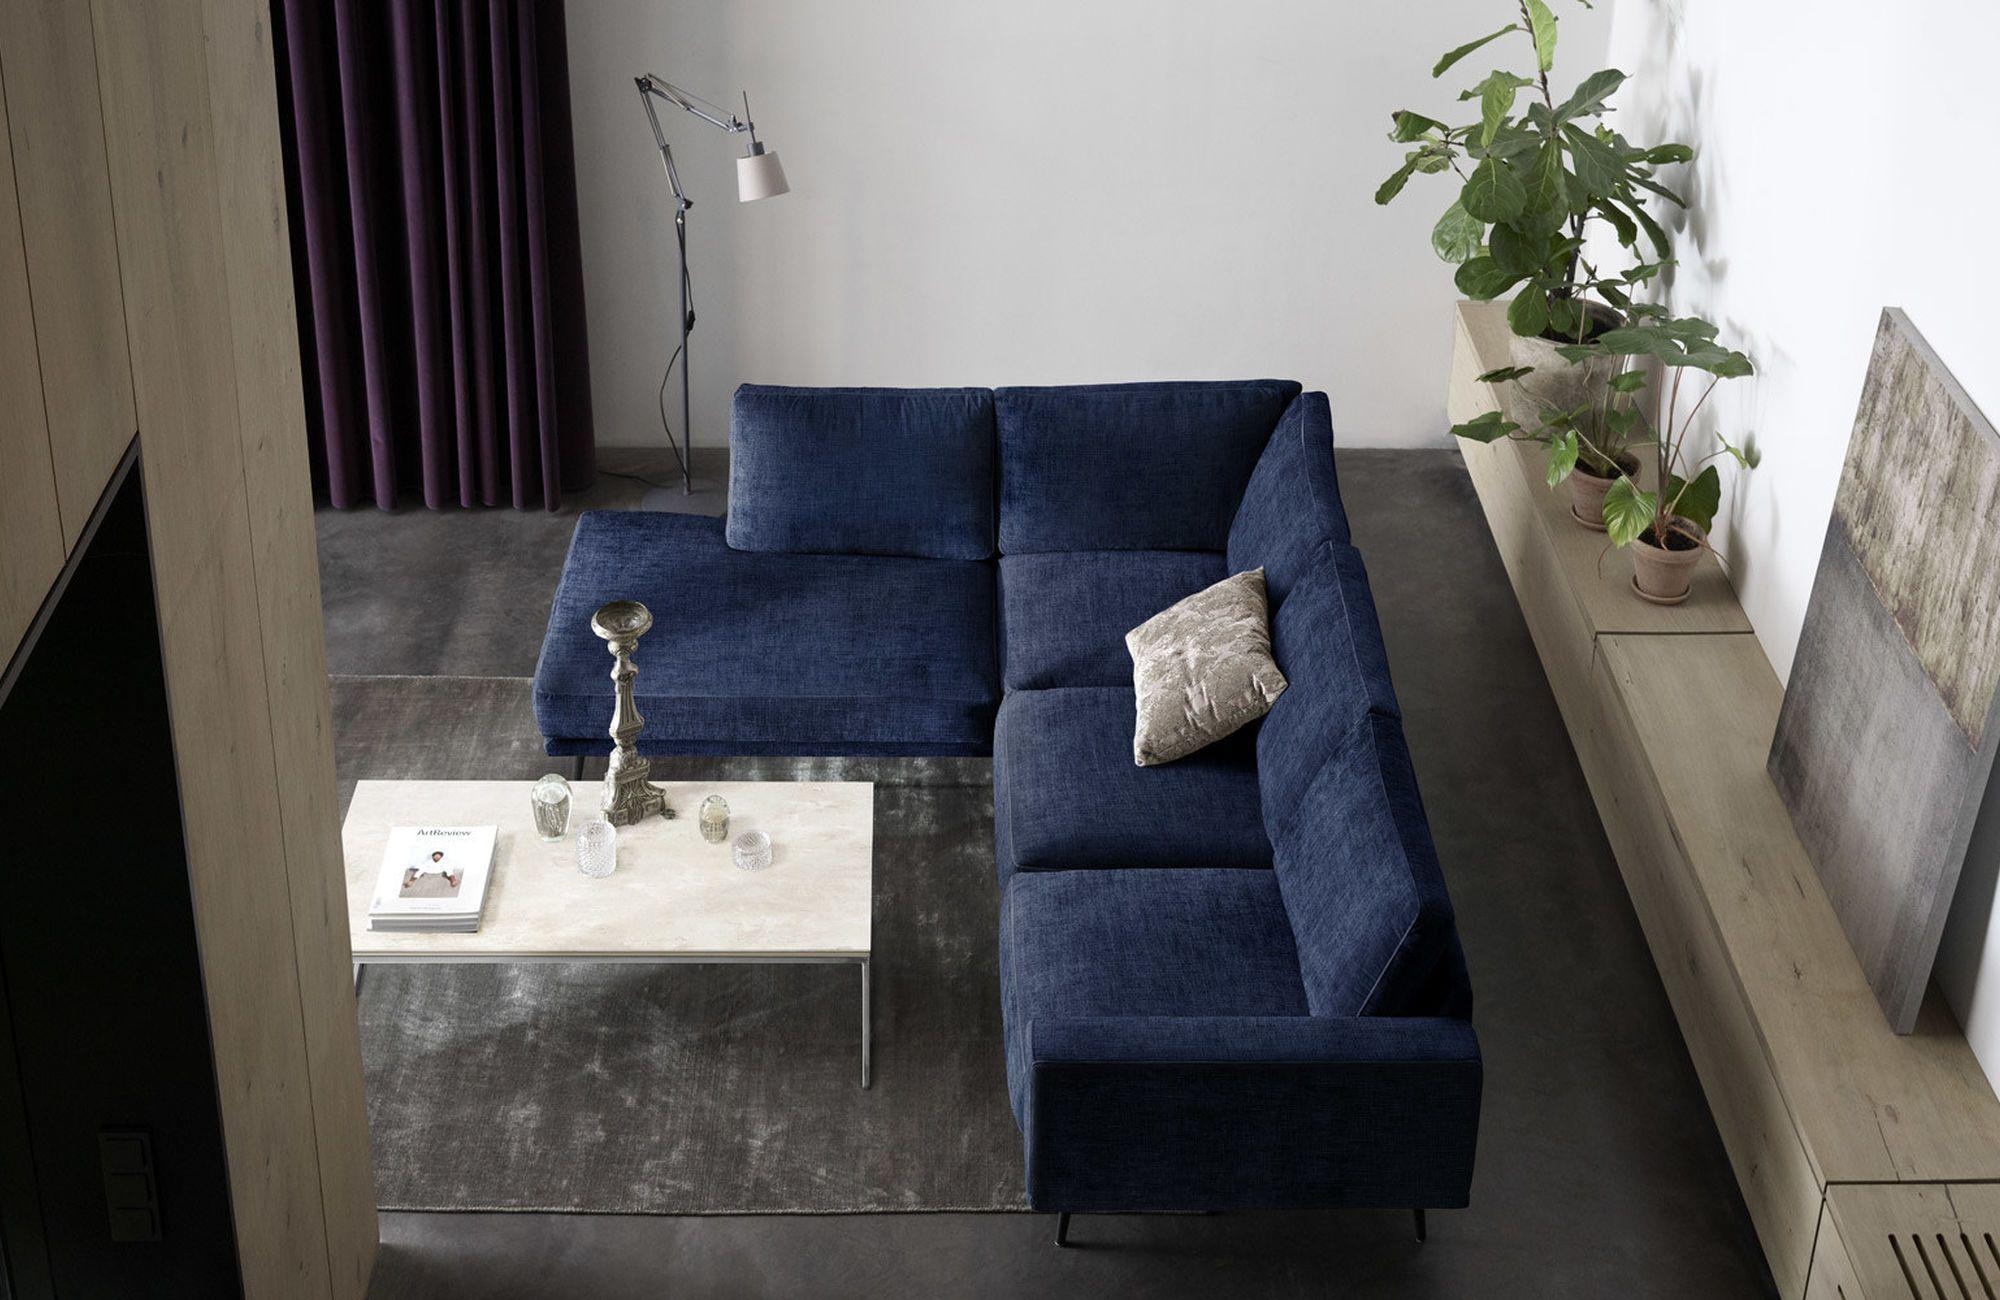 3 Seater Sofas Carlton Sofa Velvet Couch Living Room 70s Furniture Throw Pillows Living Room